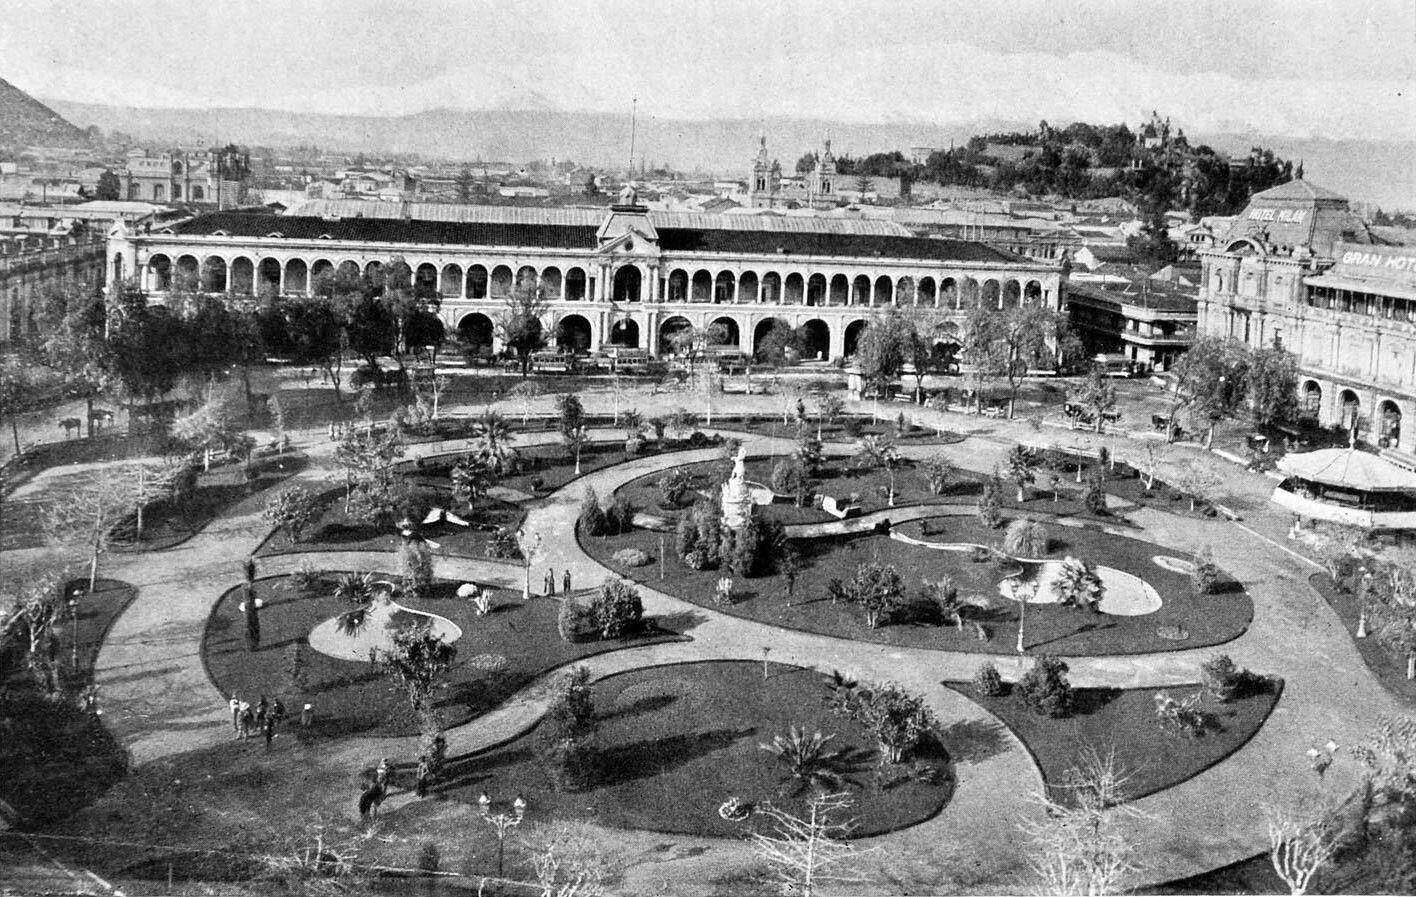 Plaza de Armas de Santiago, vista hacia el Portal Bulnes en el año 1906. @EnTerrenoChile @sebastian_gray @ramonllao http://t.co/xPw5v4a0ae